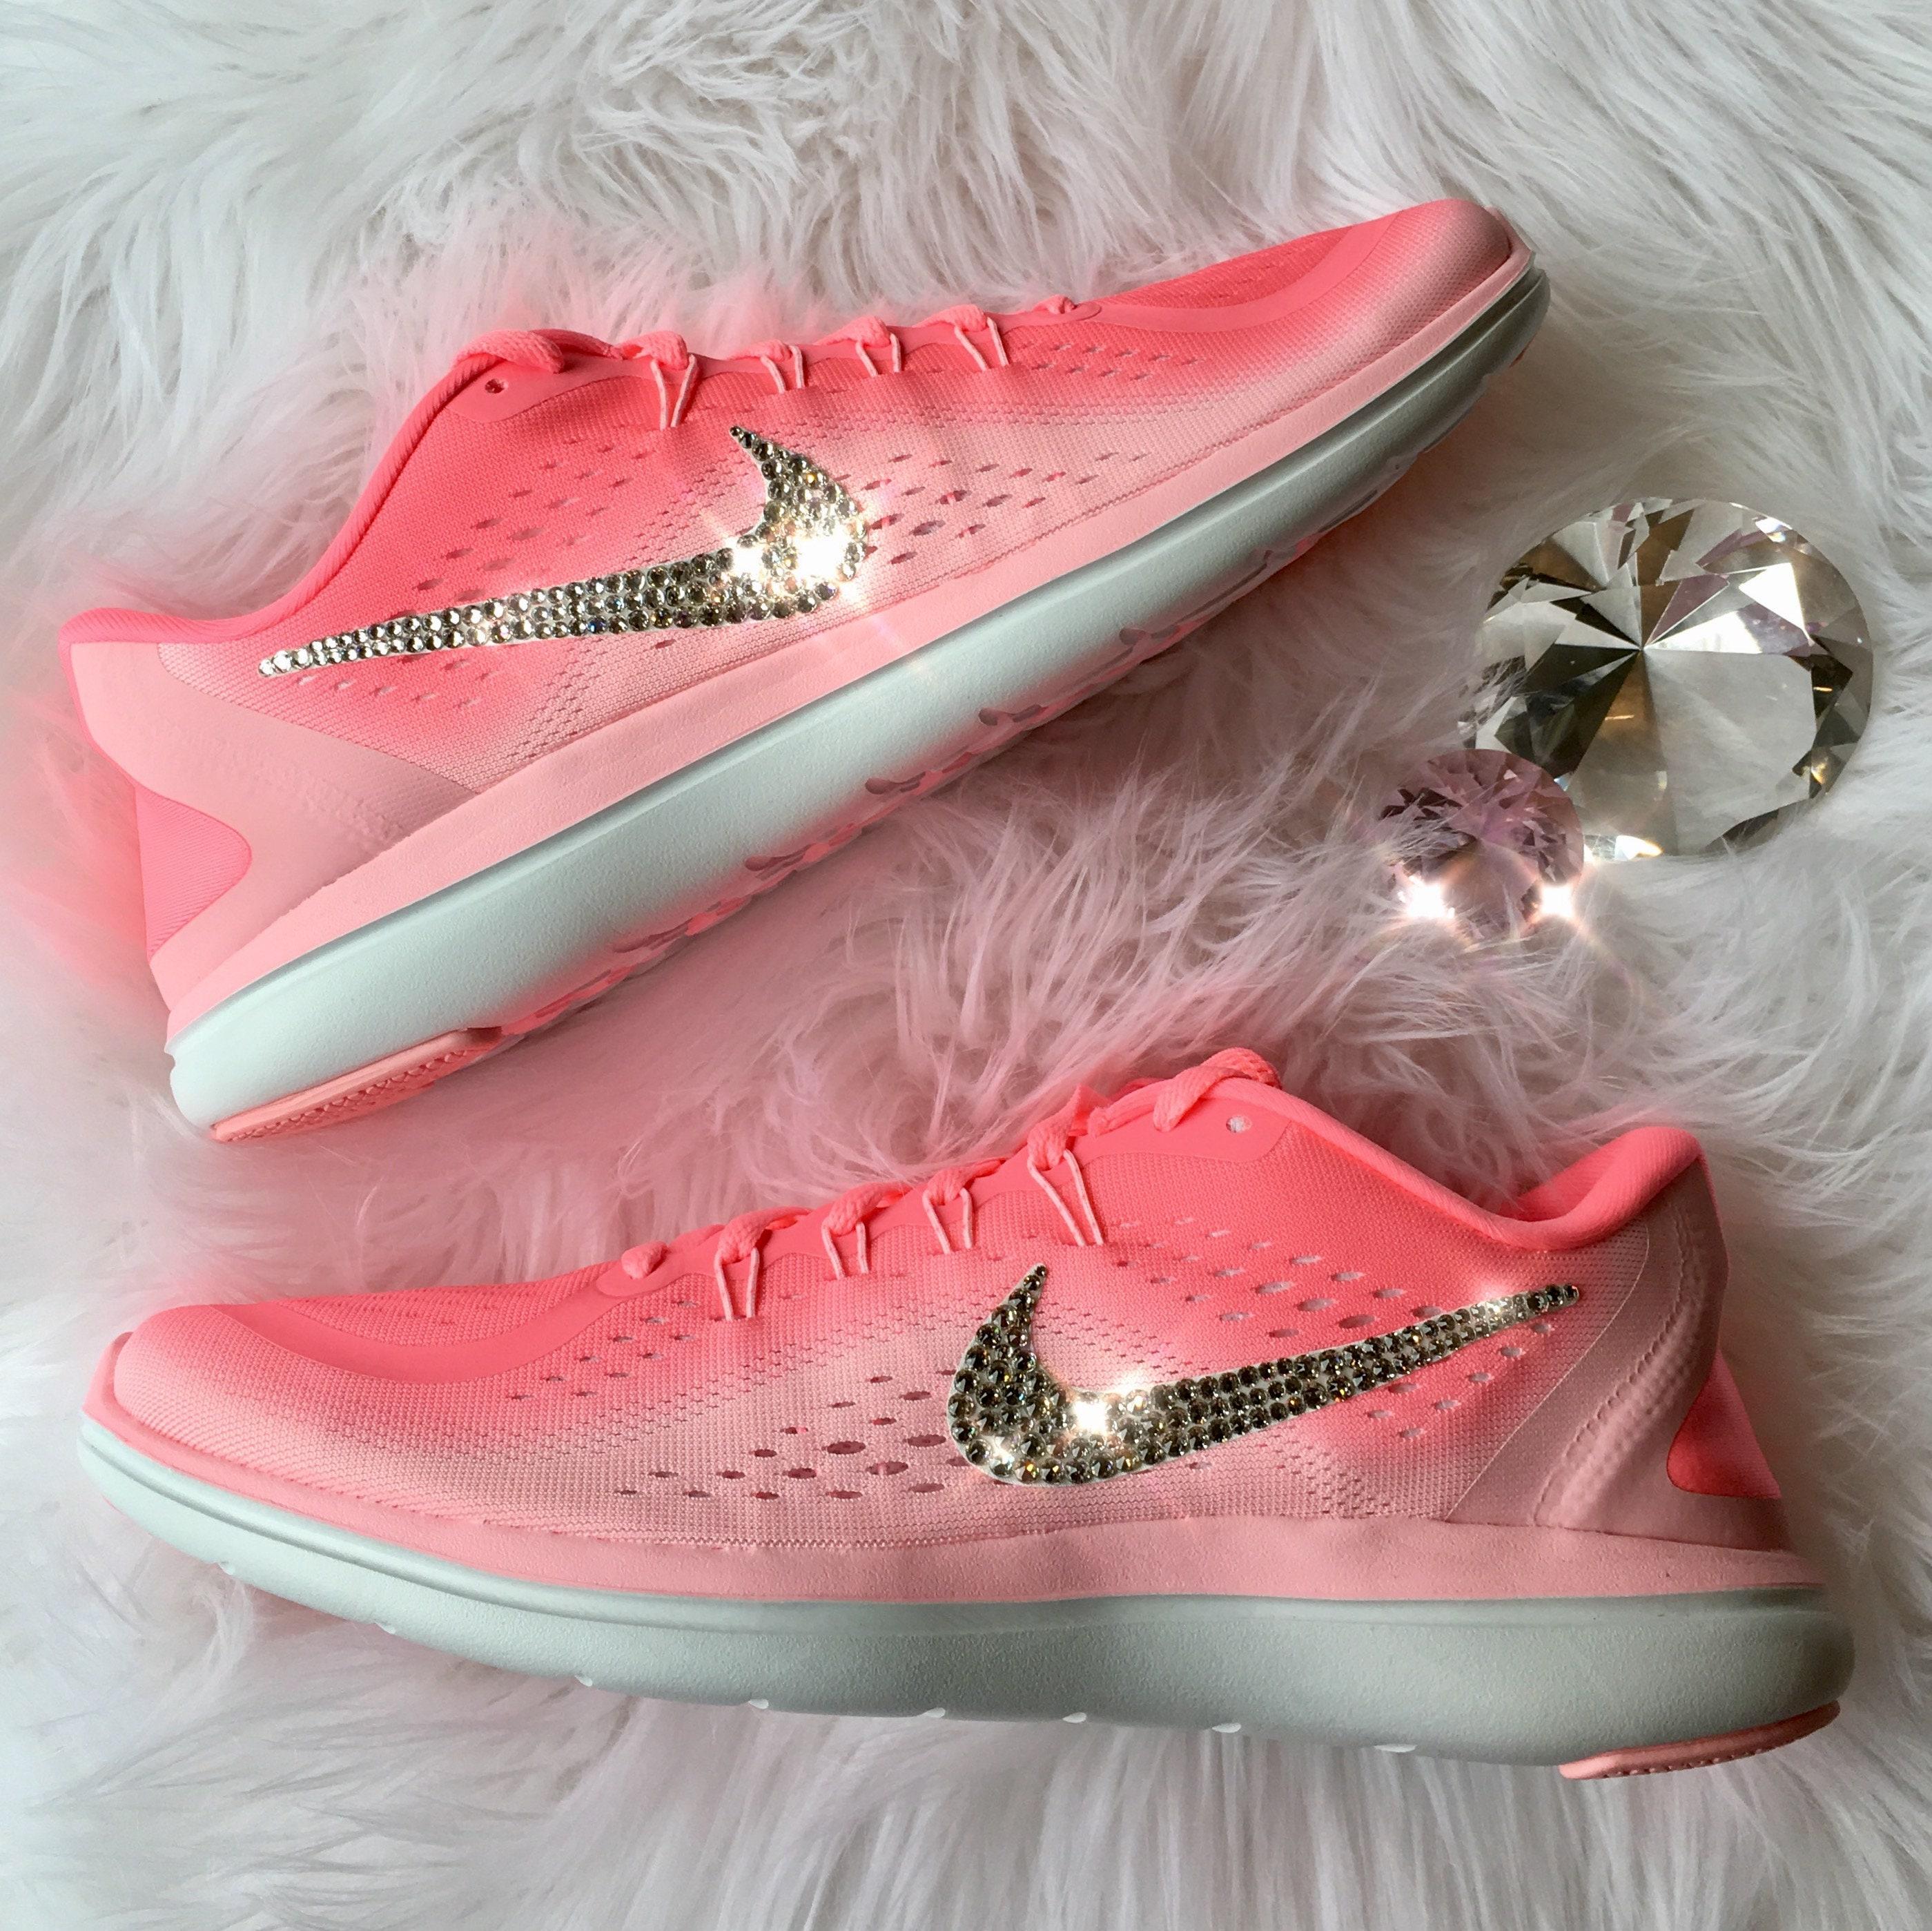 huge discount 1e05d 9c422 nouveaux bijoux swarovski flex rn des nike chaussures nike des cristaux    sunset Rose   ebloui